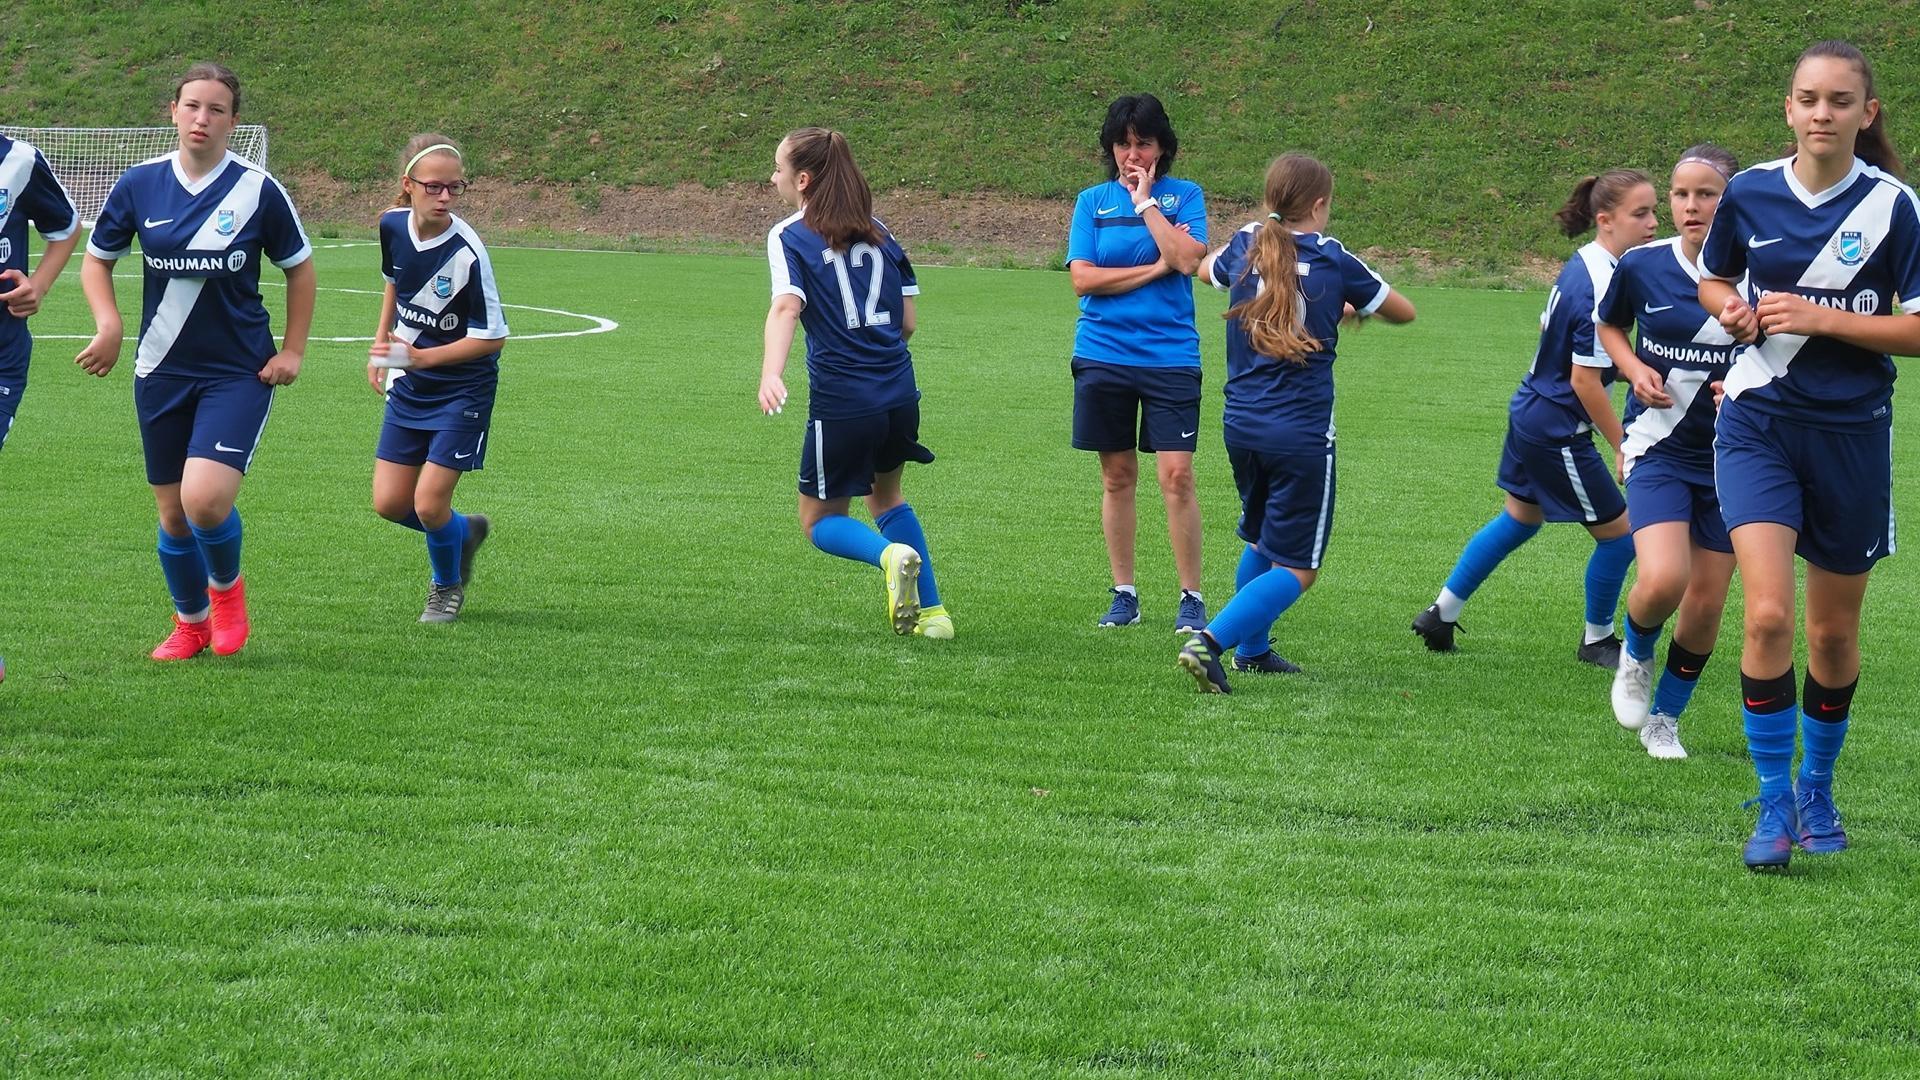 Az U16 és az U14 is az FTC ellen játszik, a fővárosban vendégszerepel az U19 - Heti program